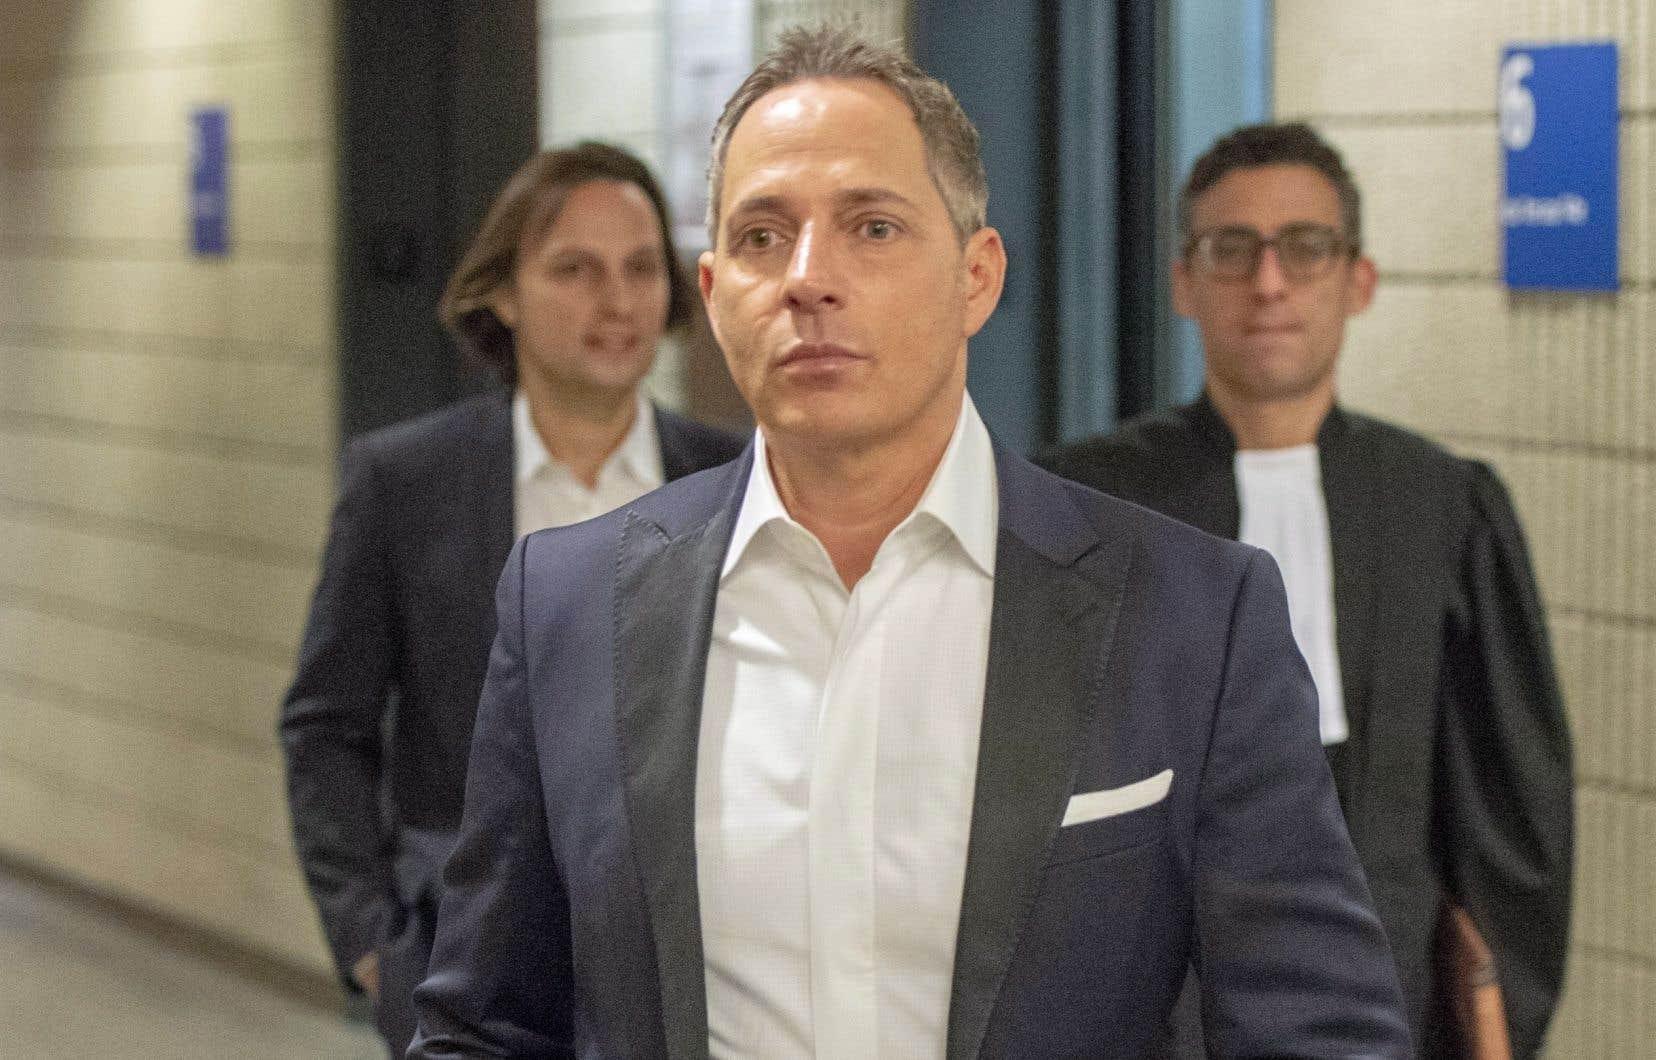 Yanaï Elbaz, ancien directeur général adjoint du CUSM, a reconnu lundi sa culpabilité à plusieurs chefs d'accusation, dont trafic d'influence, abus de confiance et recyclage des produits de la criminalité.